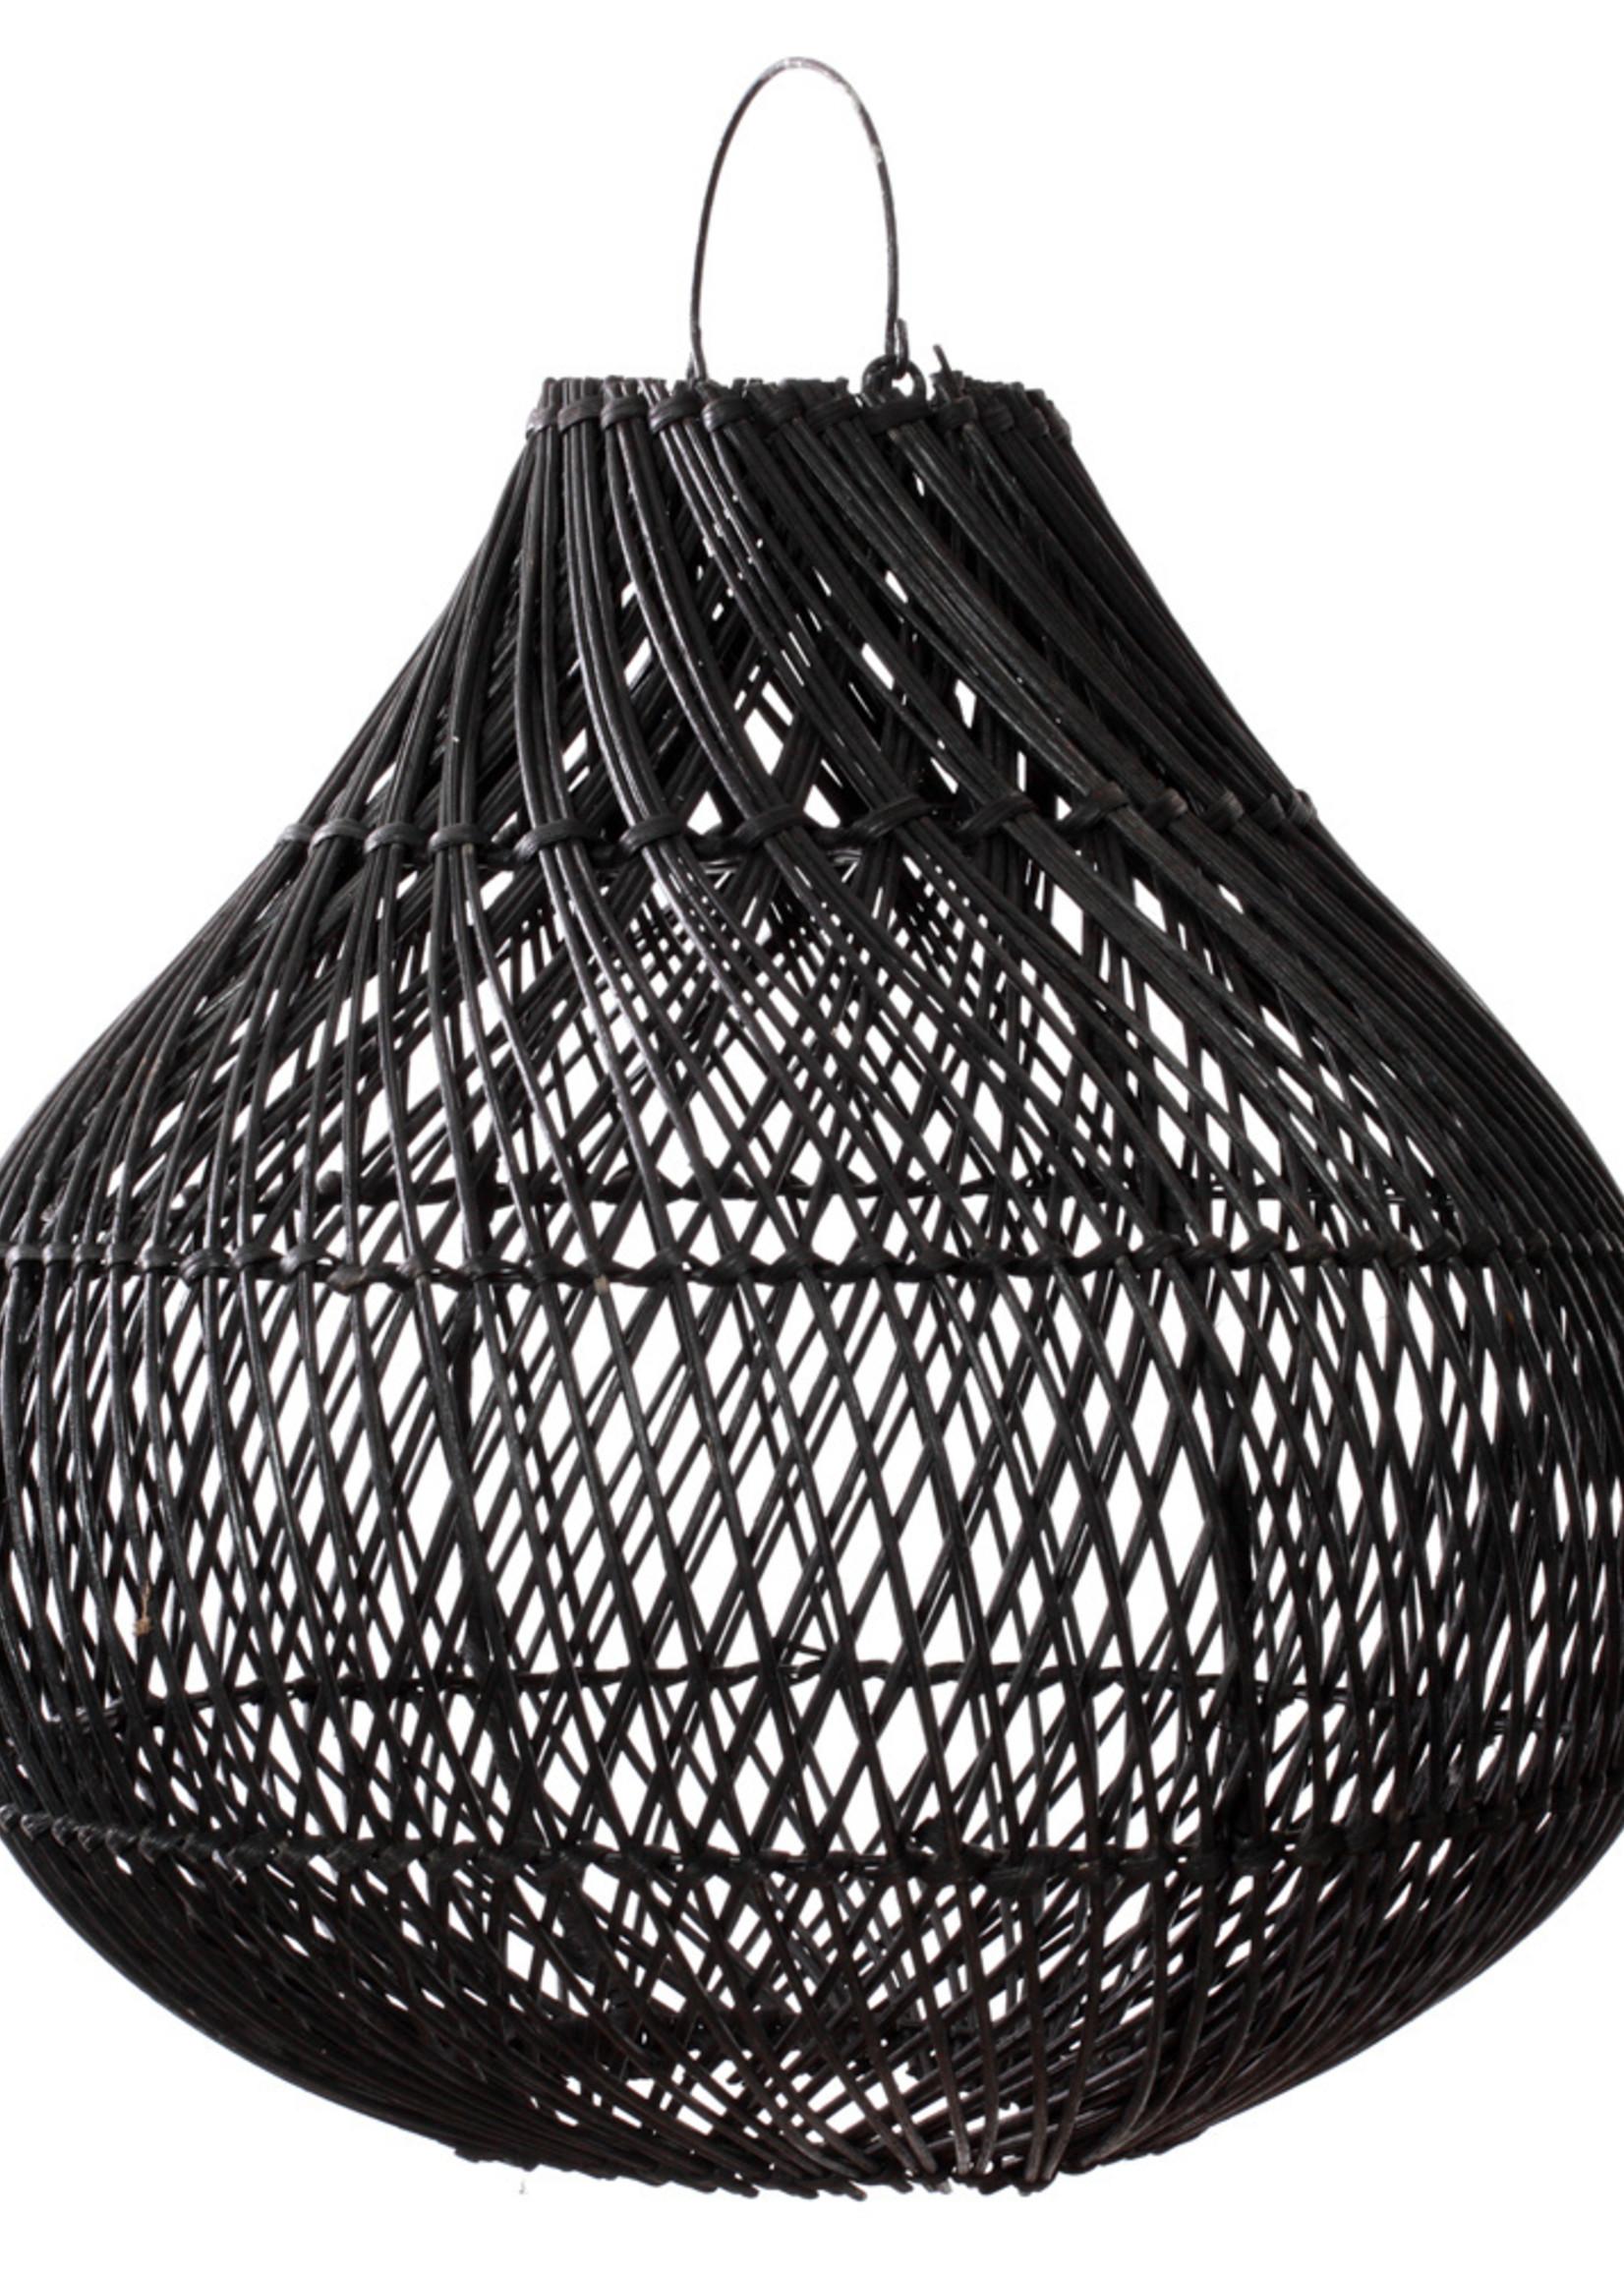 The Bottle Pendant - Black - L